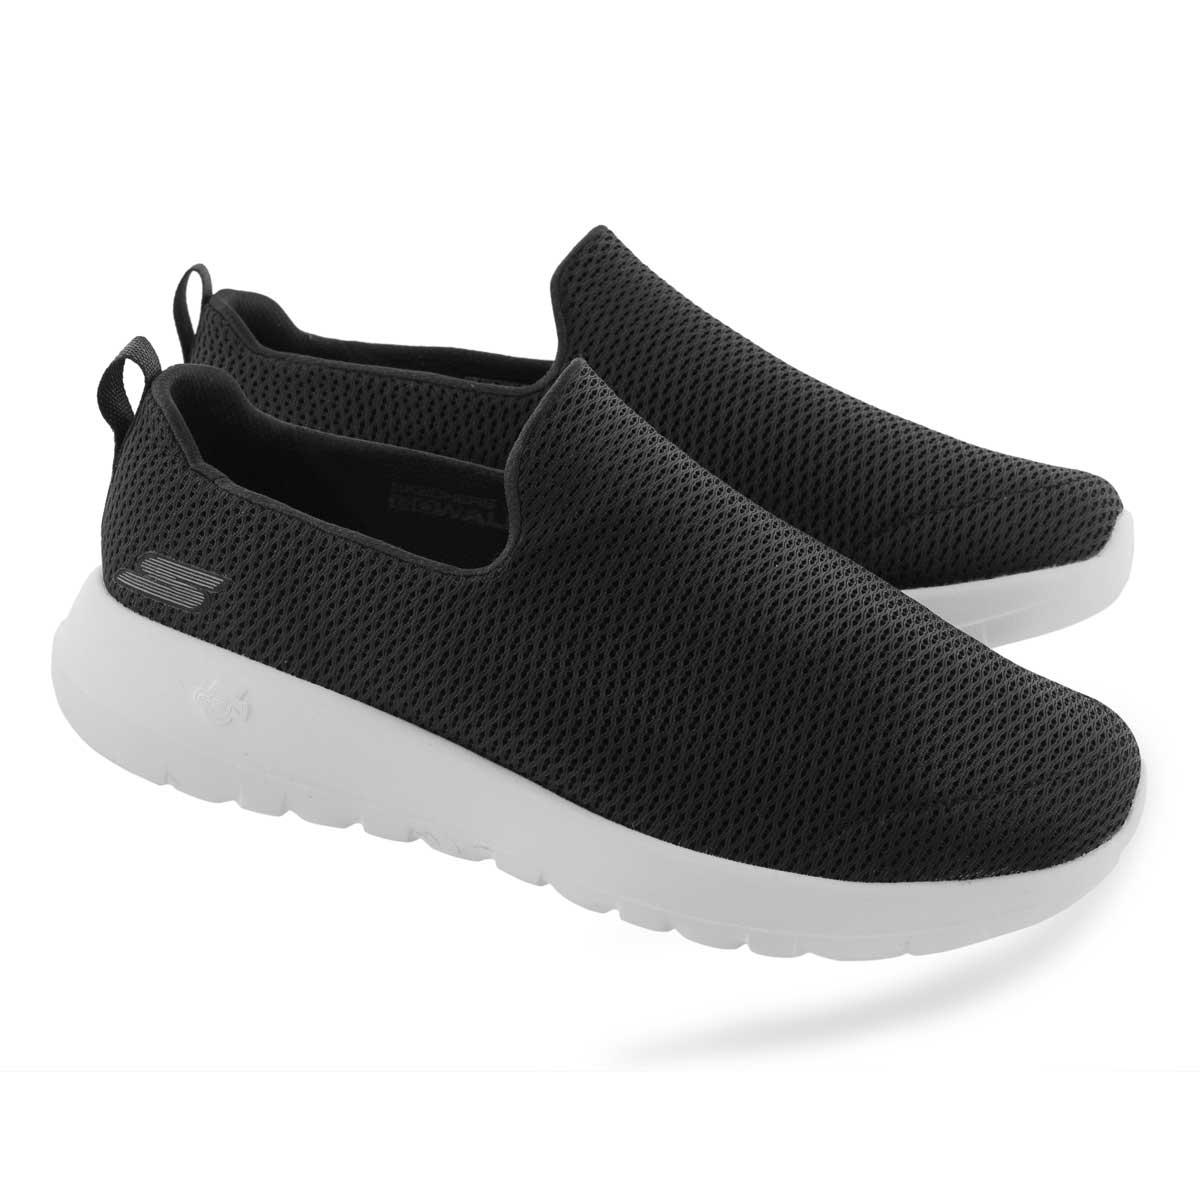 Mns GOwalk Max blk/wht slipon shoe-wide